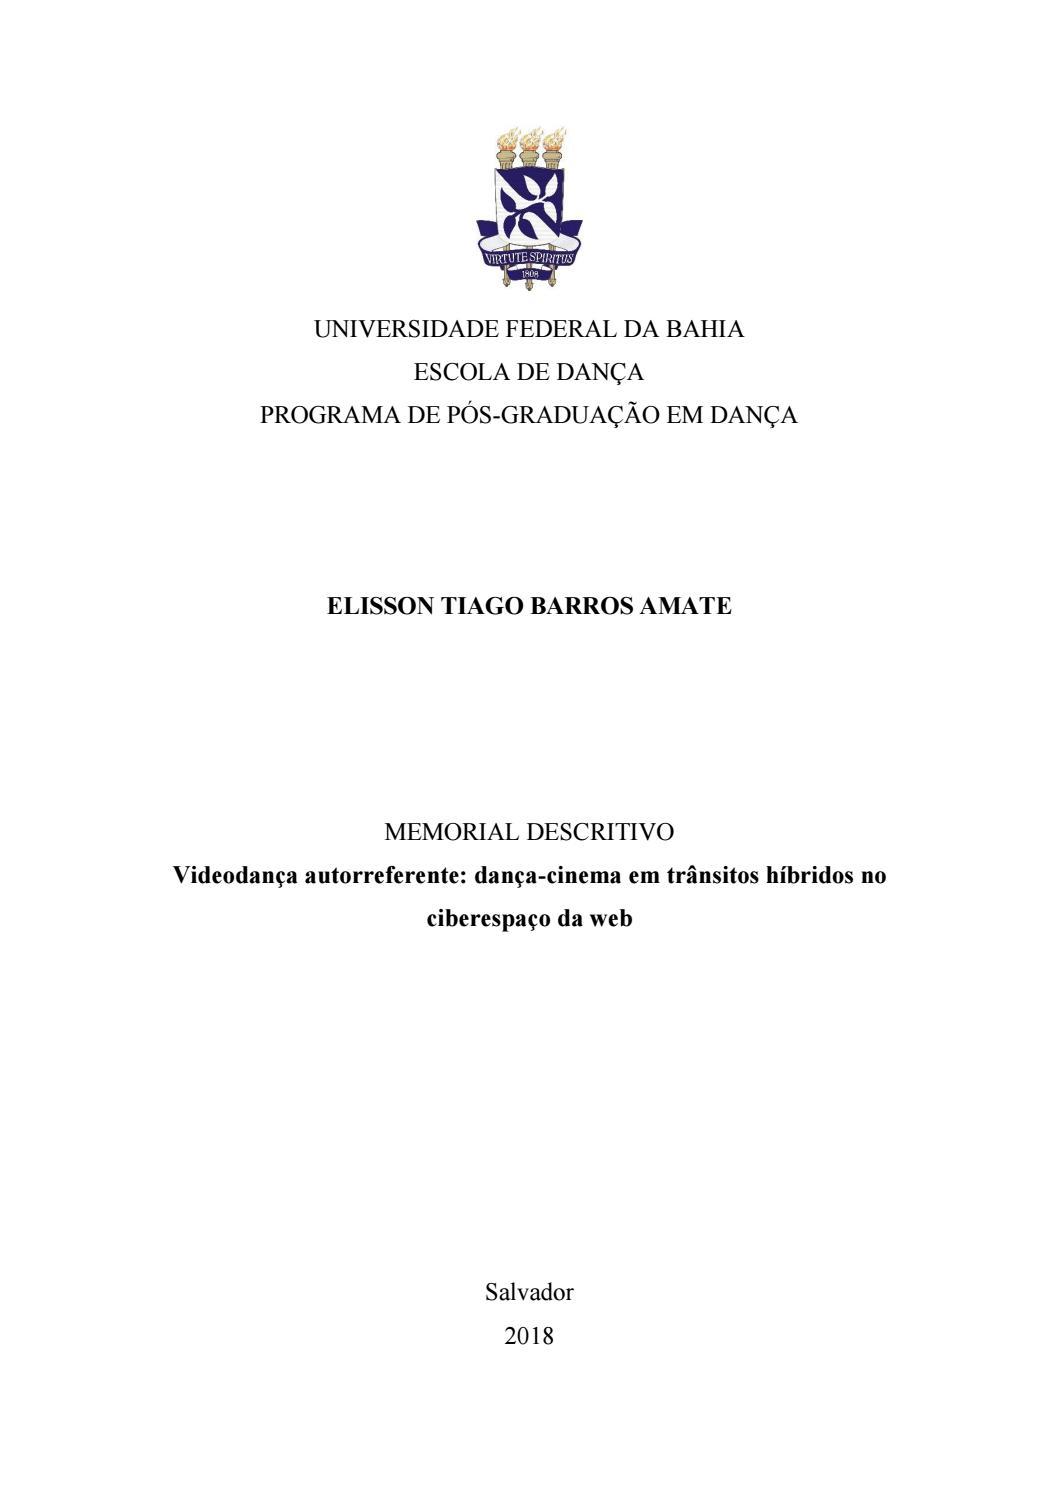 Memorial descritivo Videodança autorreferente by Tiago Amate   issuu